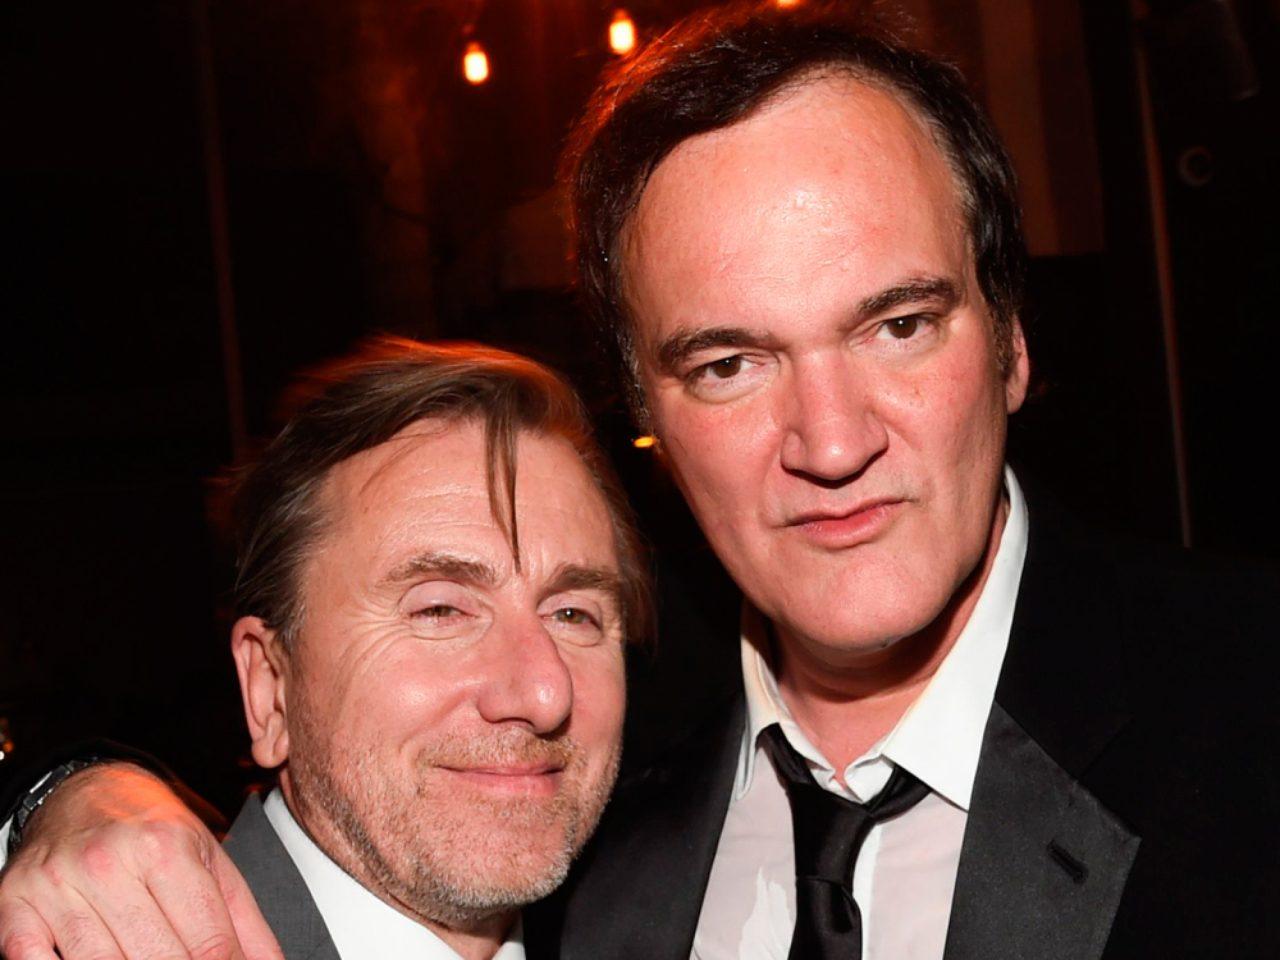 画像: Quentin Tarantino Fans Revel in 'Road Show' Debut for 'The Hateful Eight'